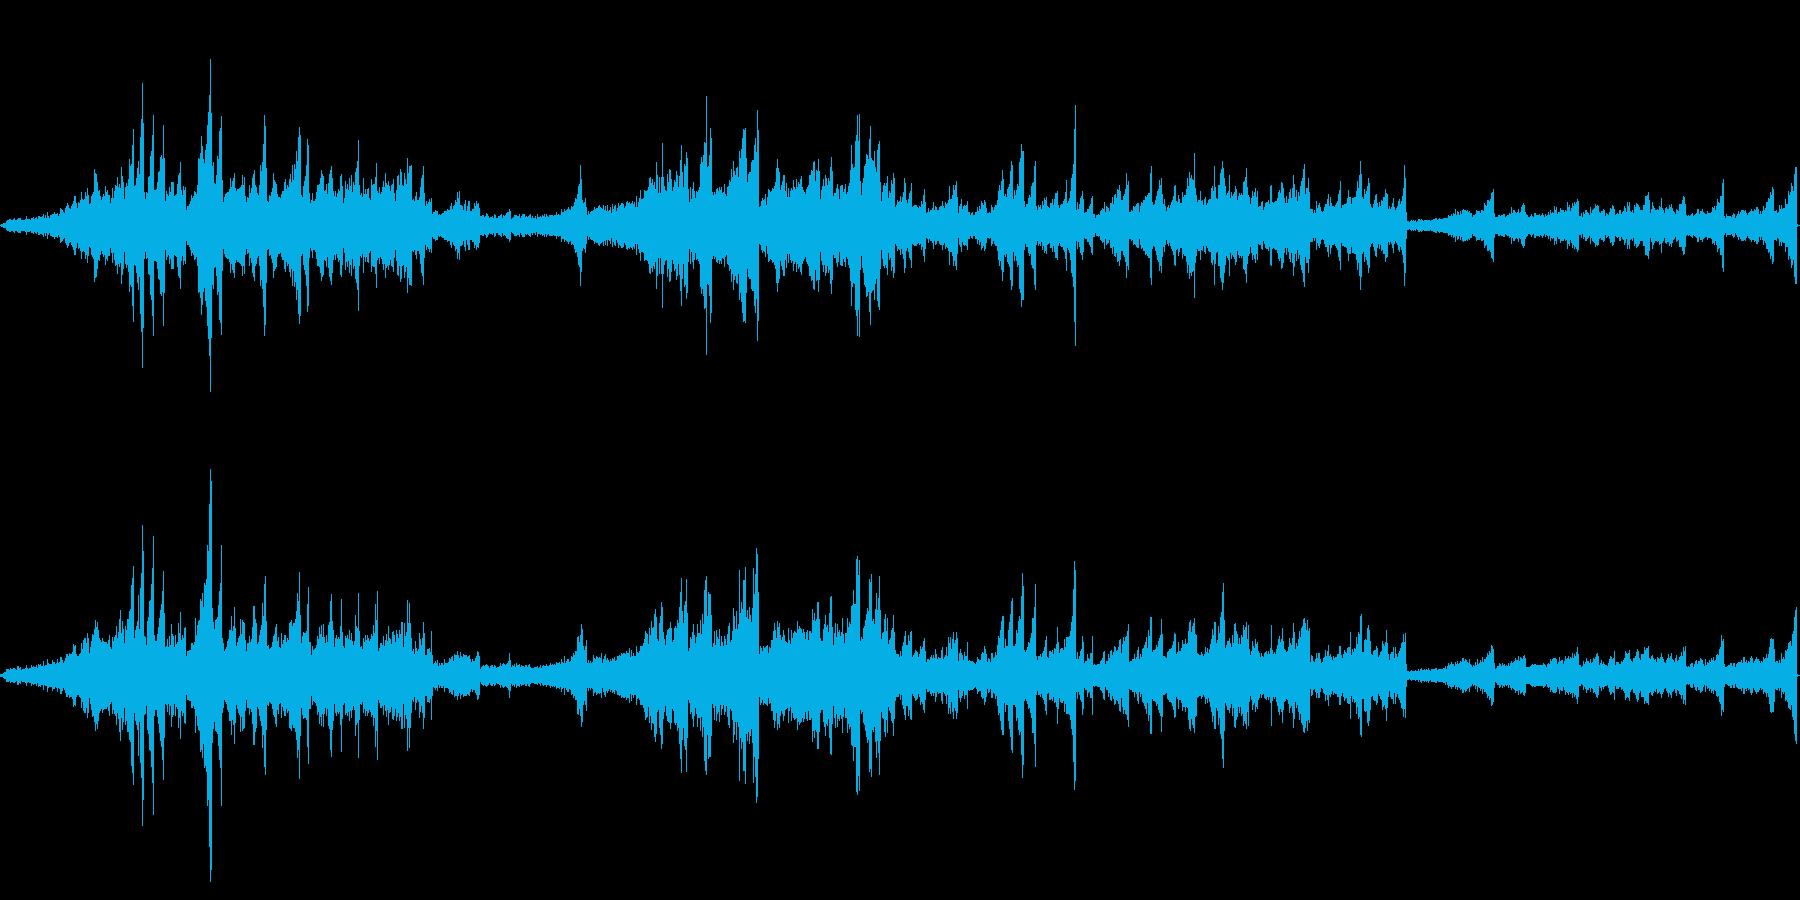 恐怖を演出する音の再生済みの波形